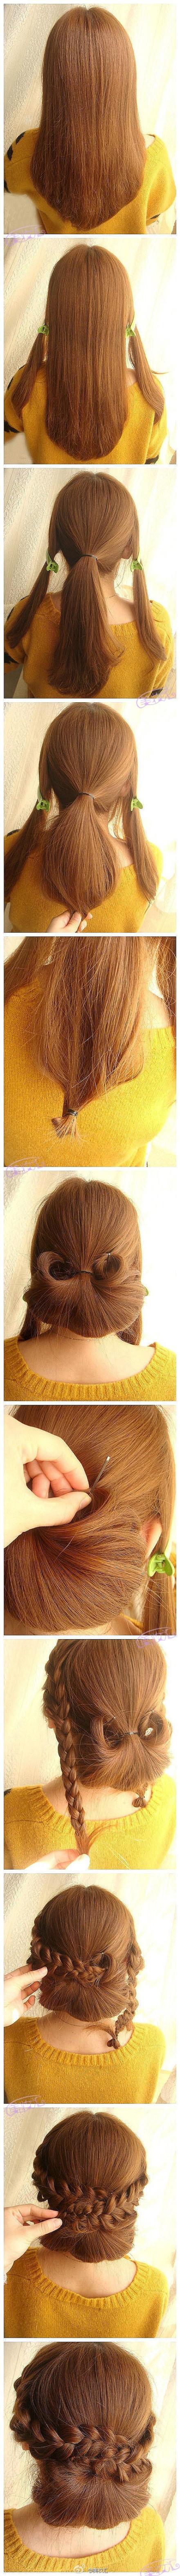 Hairstyle Tutorials (5)